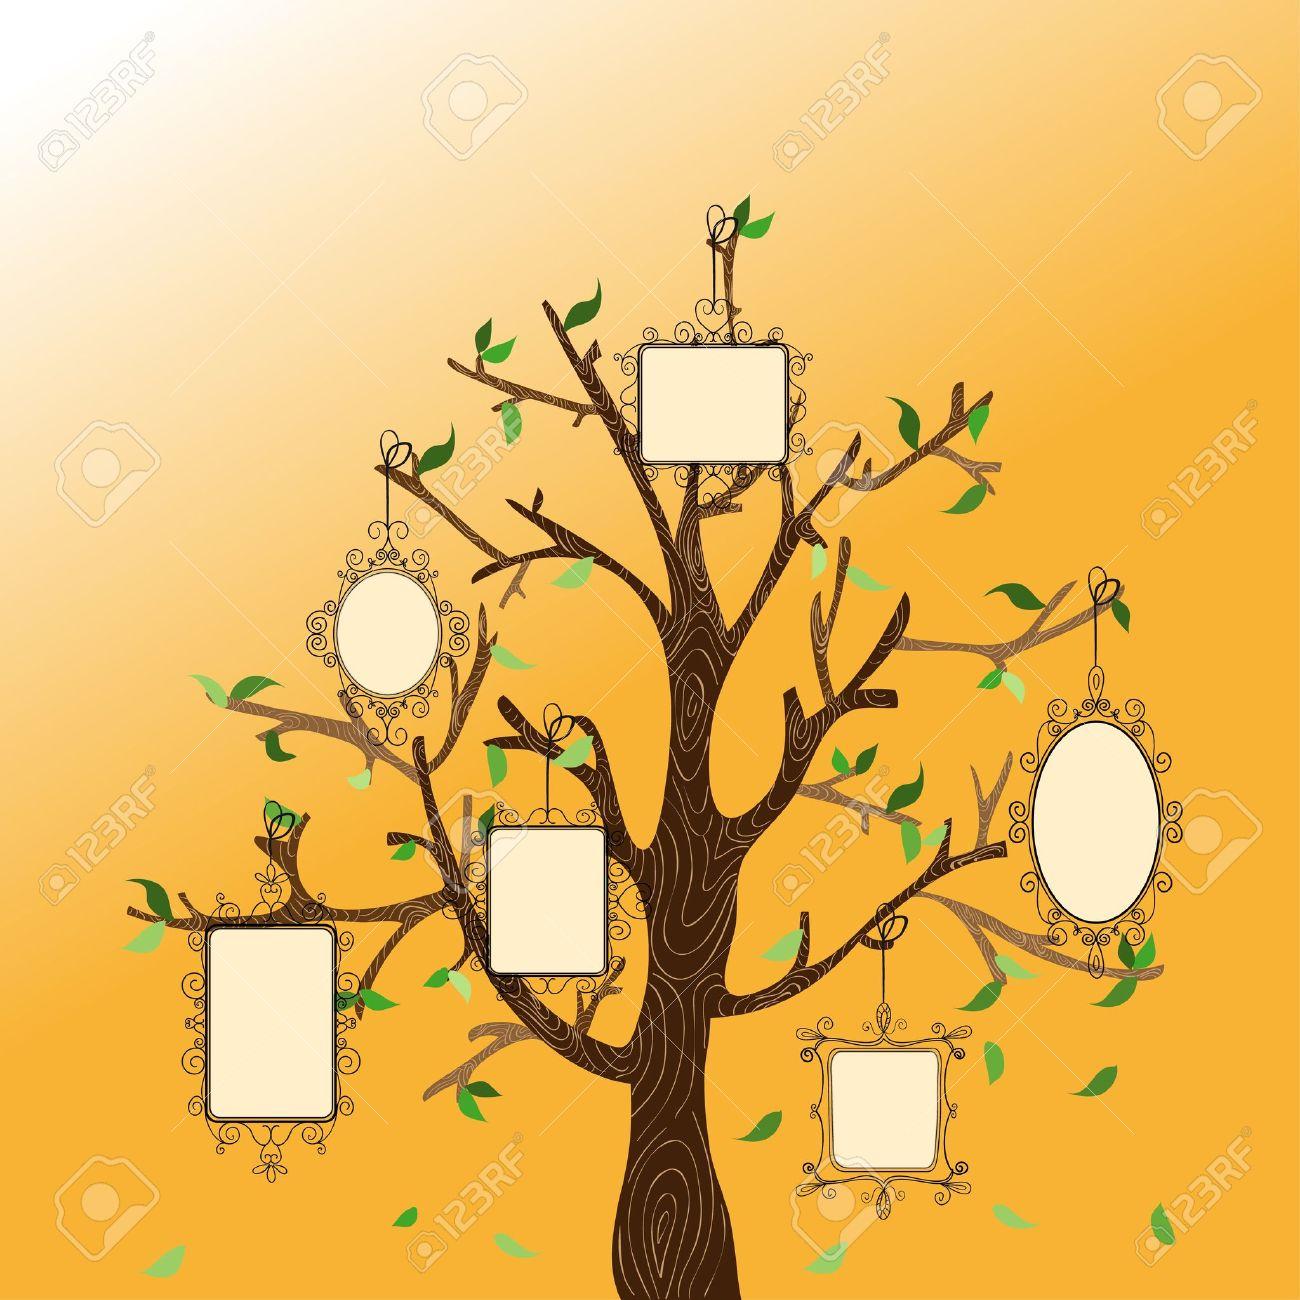 Retro-Konzept Stammbaum Mit Hängenden Bilderrahmen Blätter. Vector ...